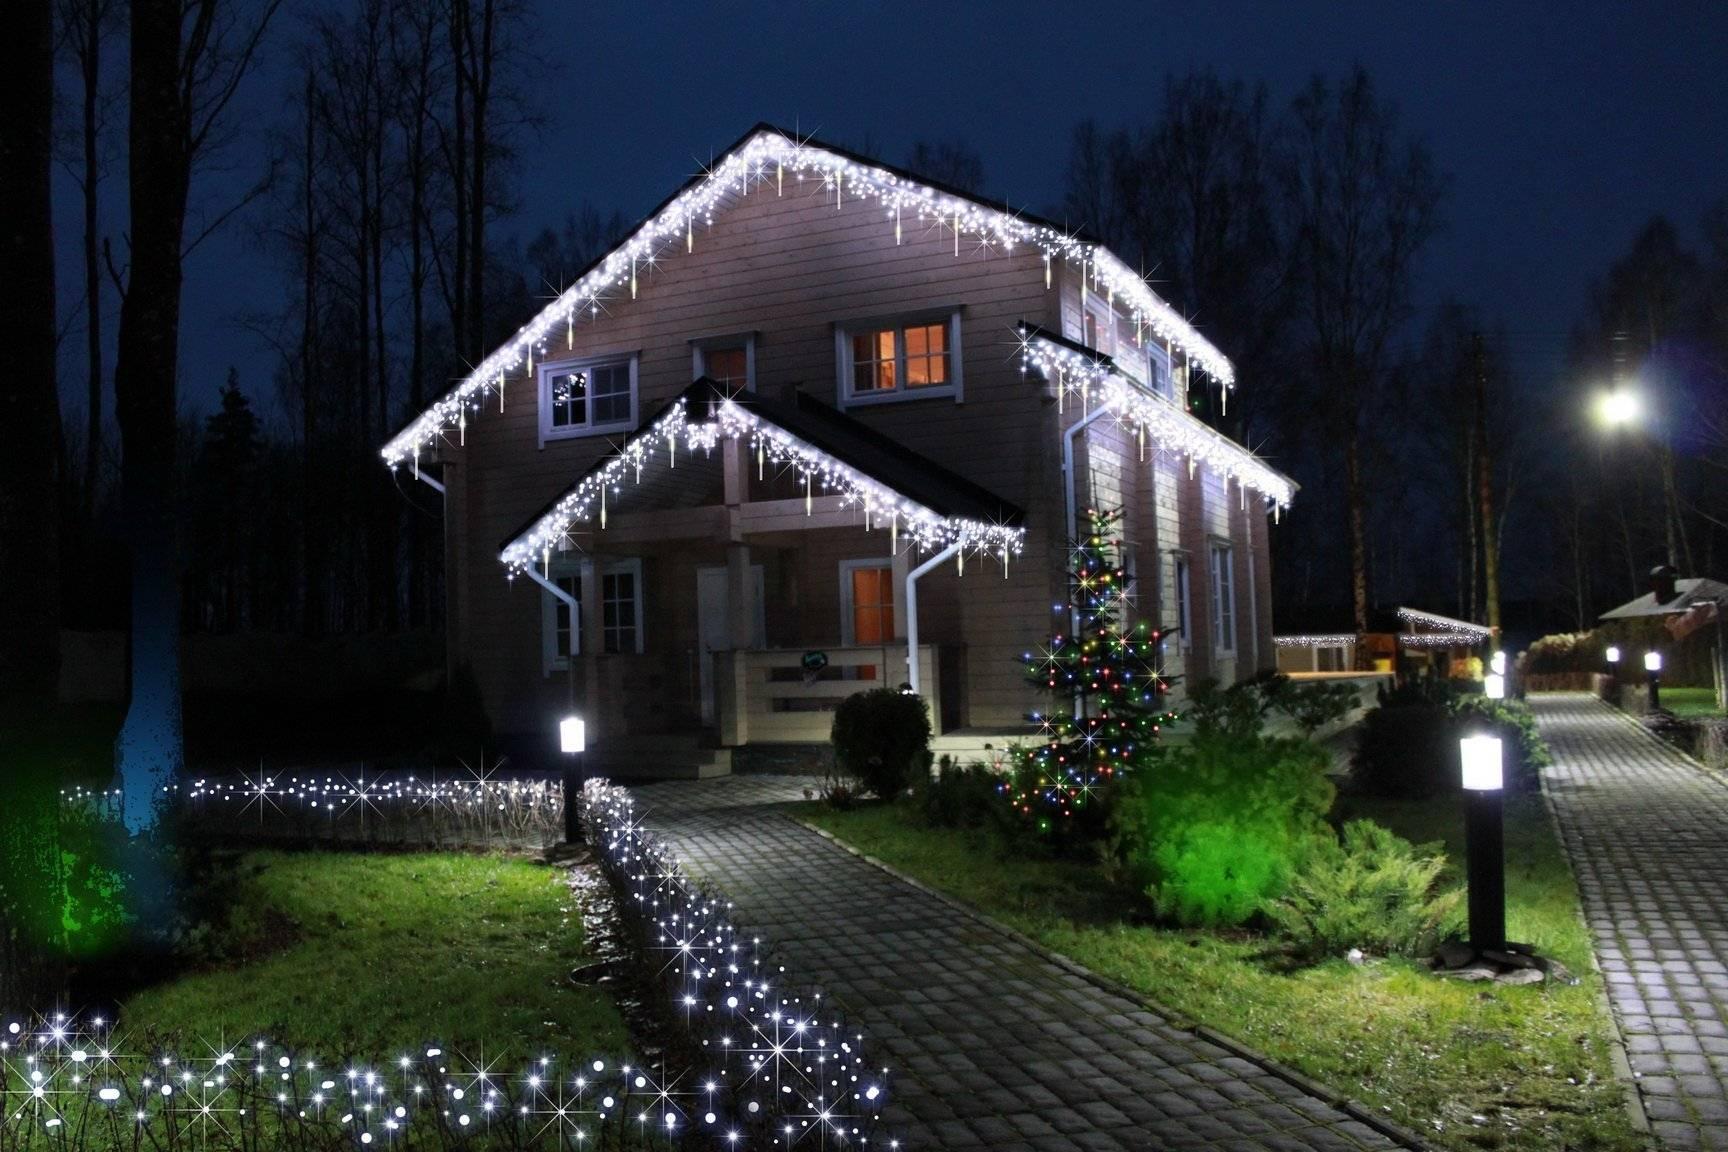 Декоративное освещение и подсветка в интерьере +75 фото